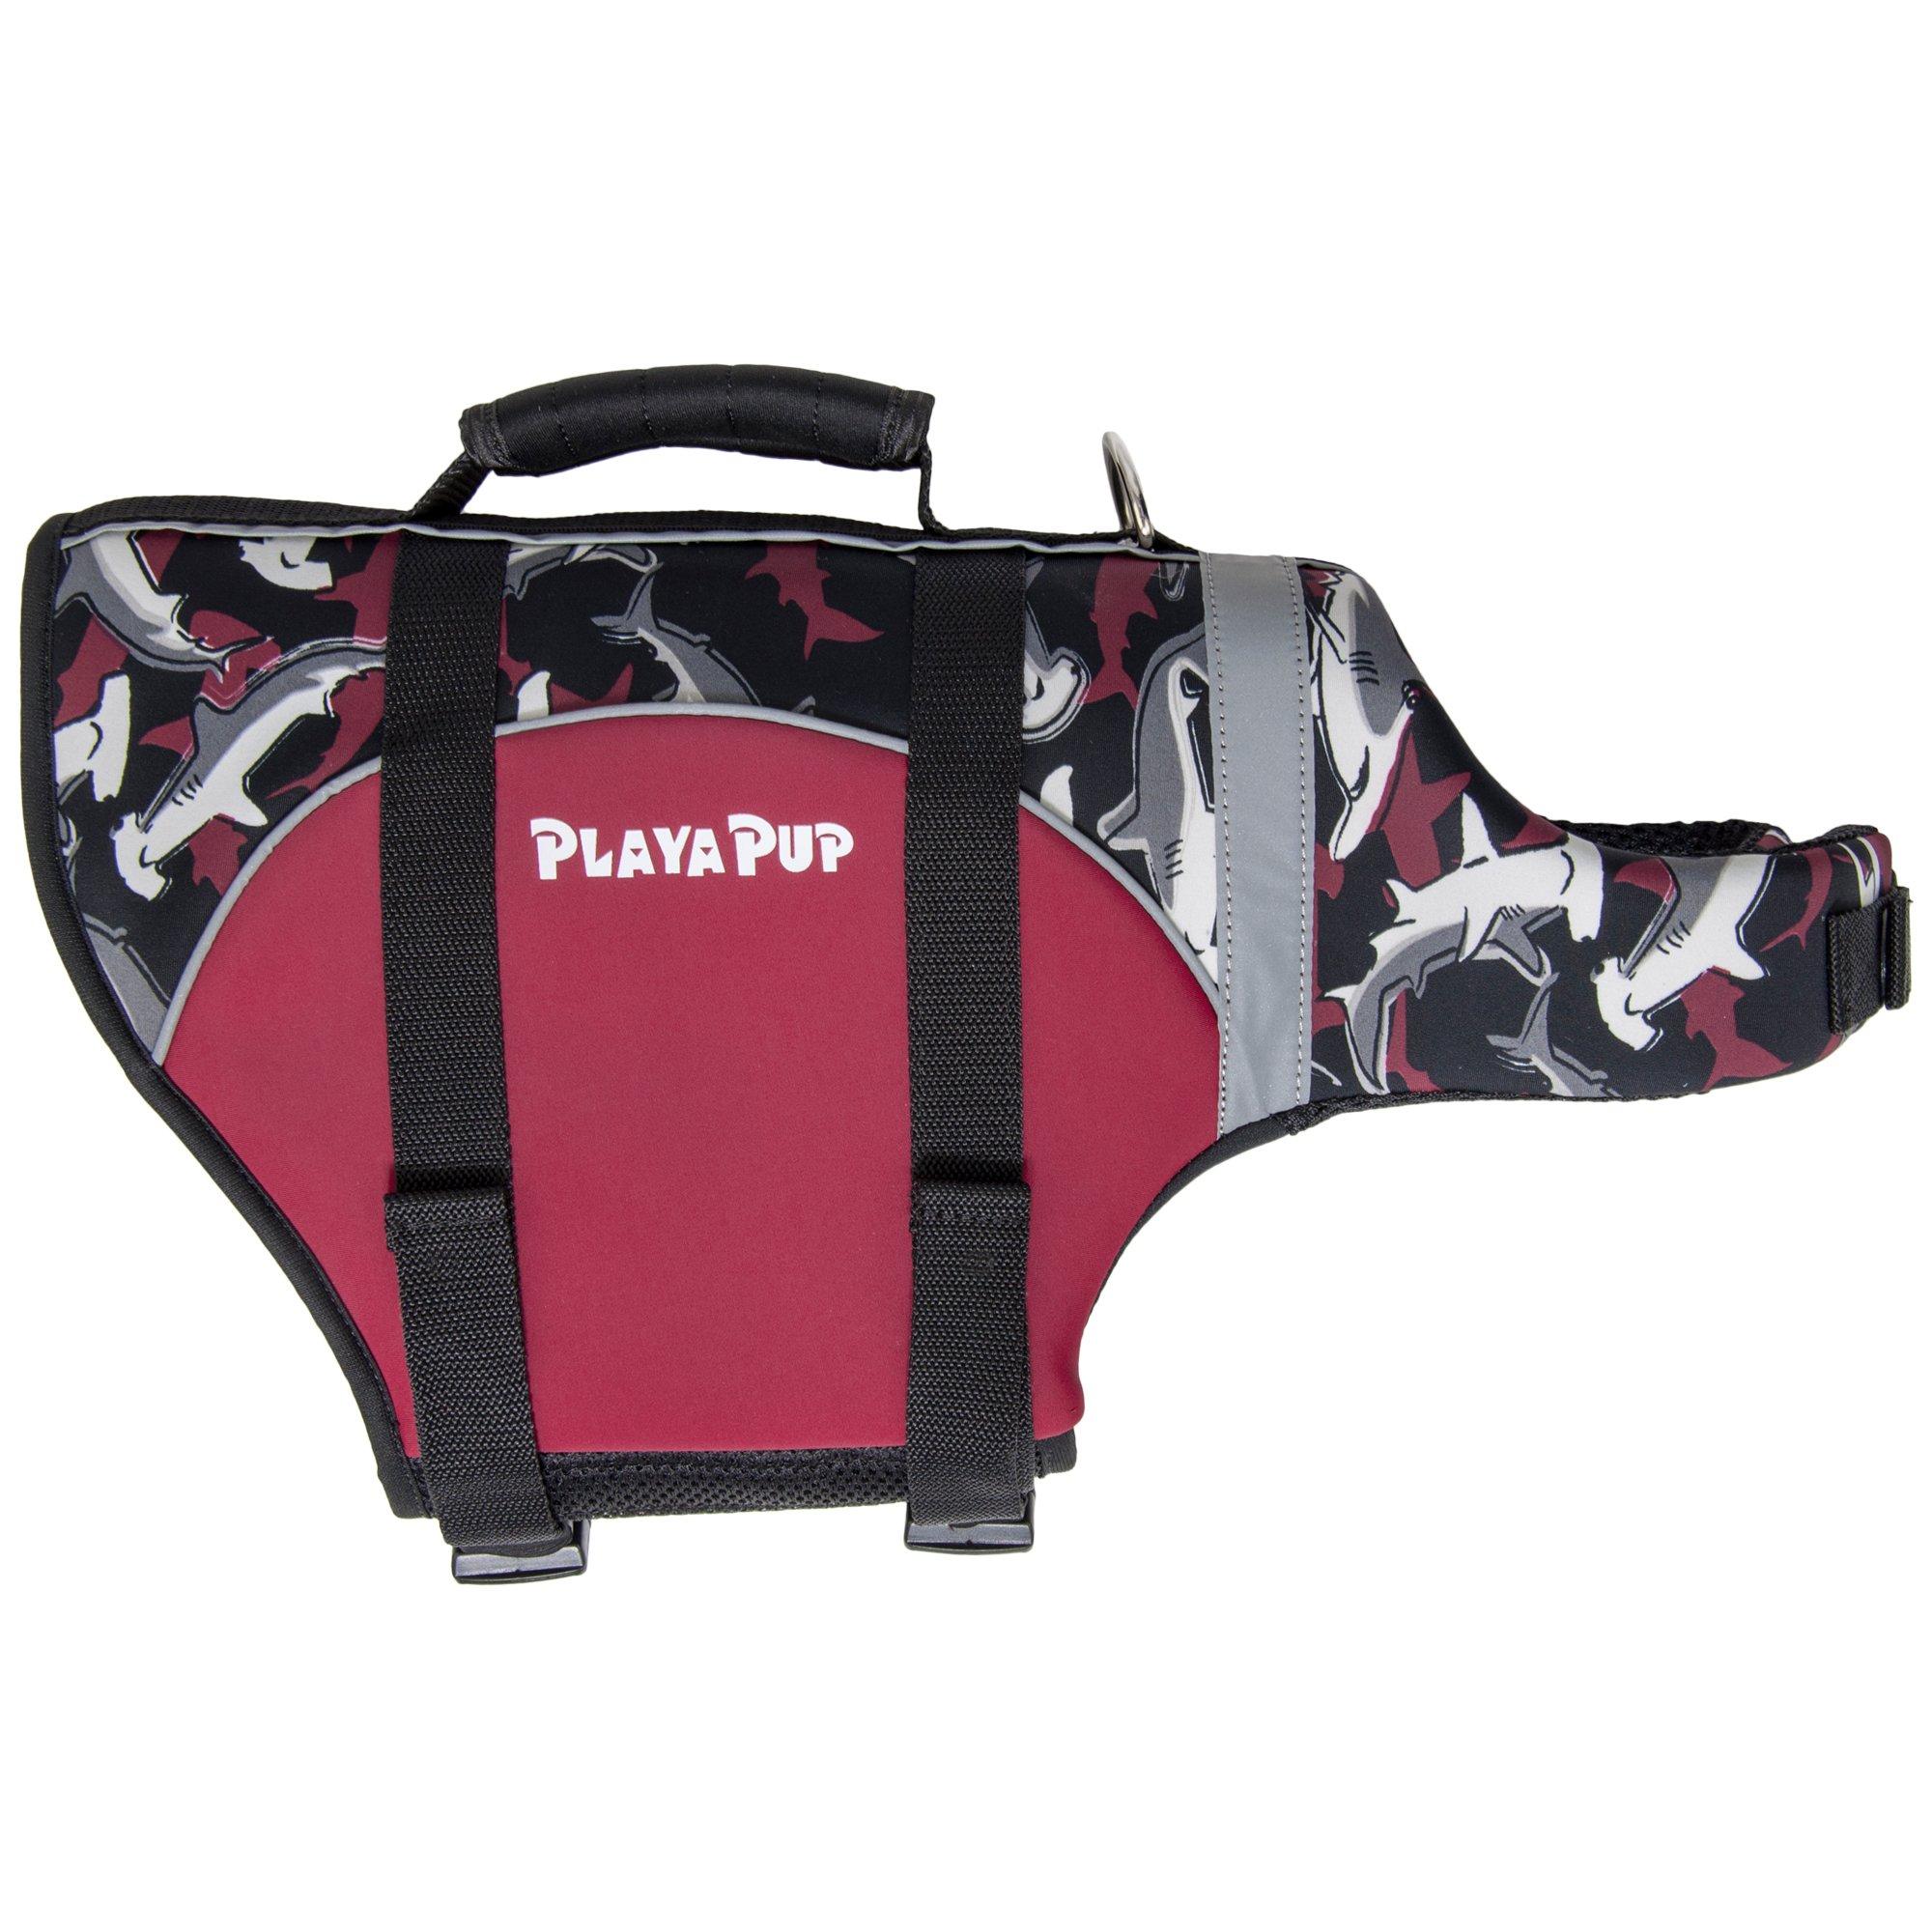 Playa Pup Reef Red Dog Flotation Vest